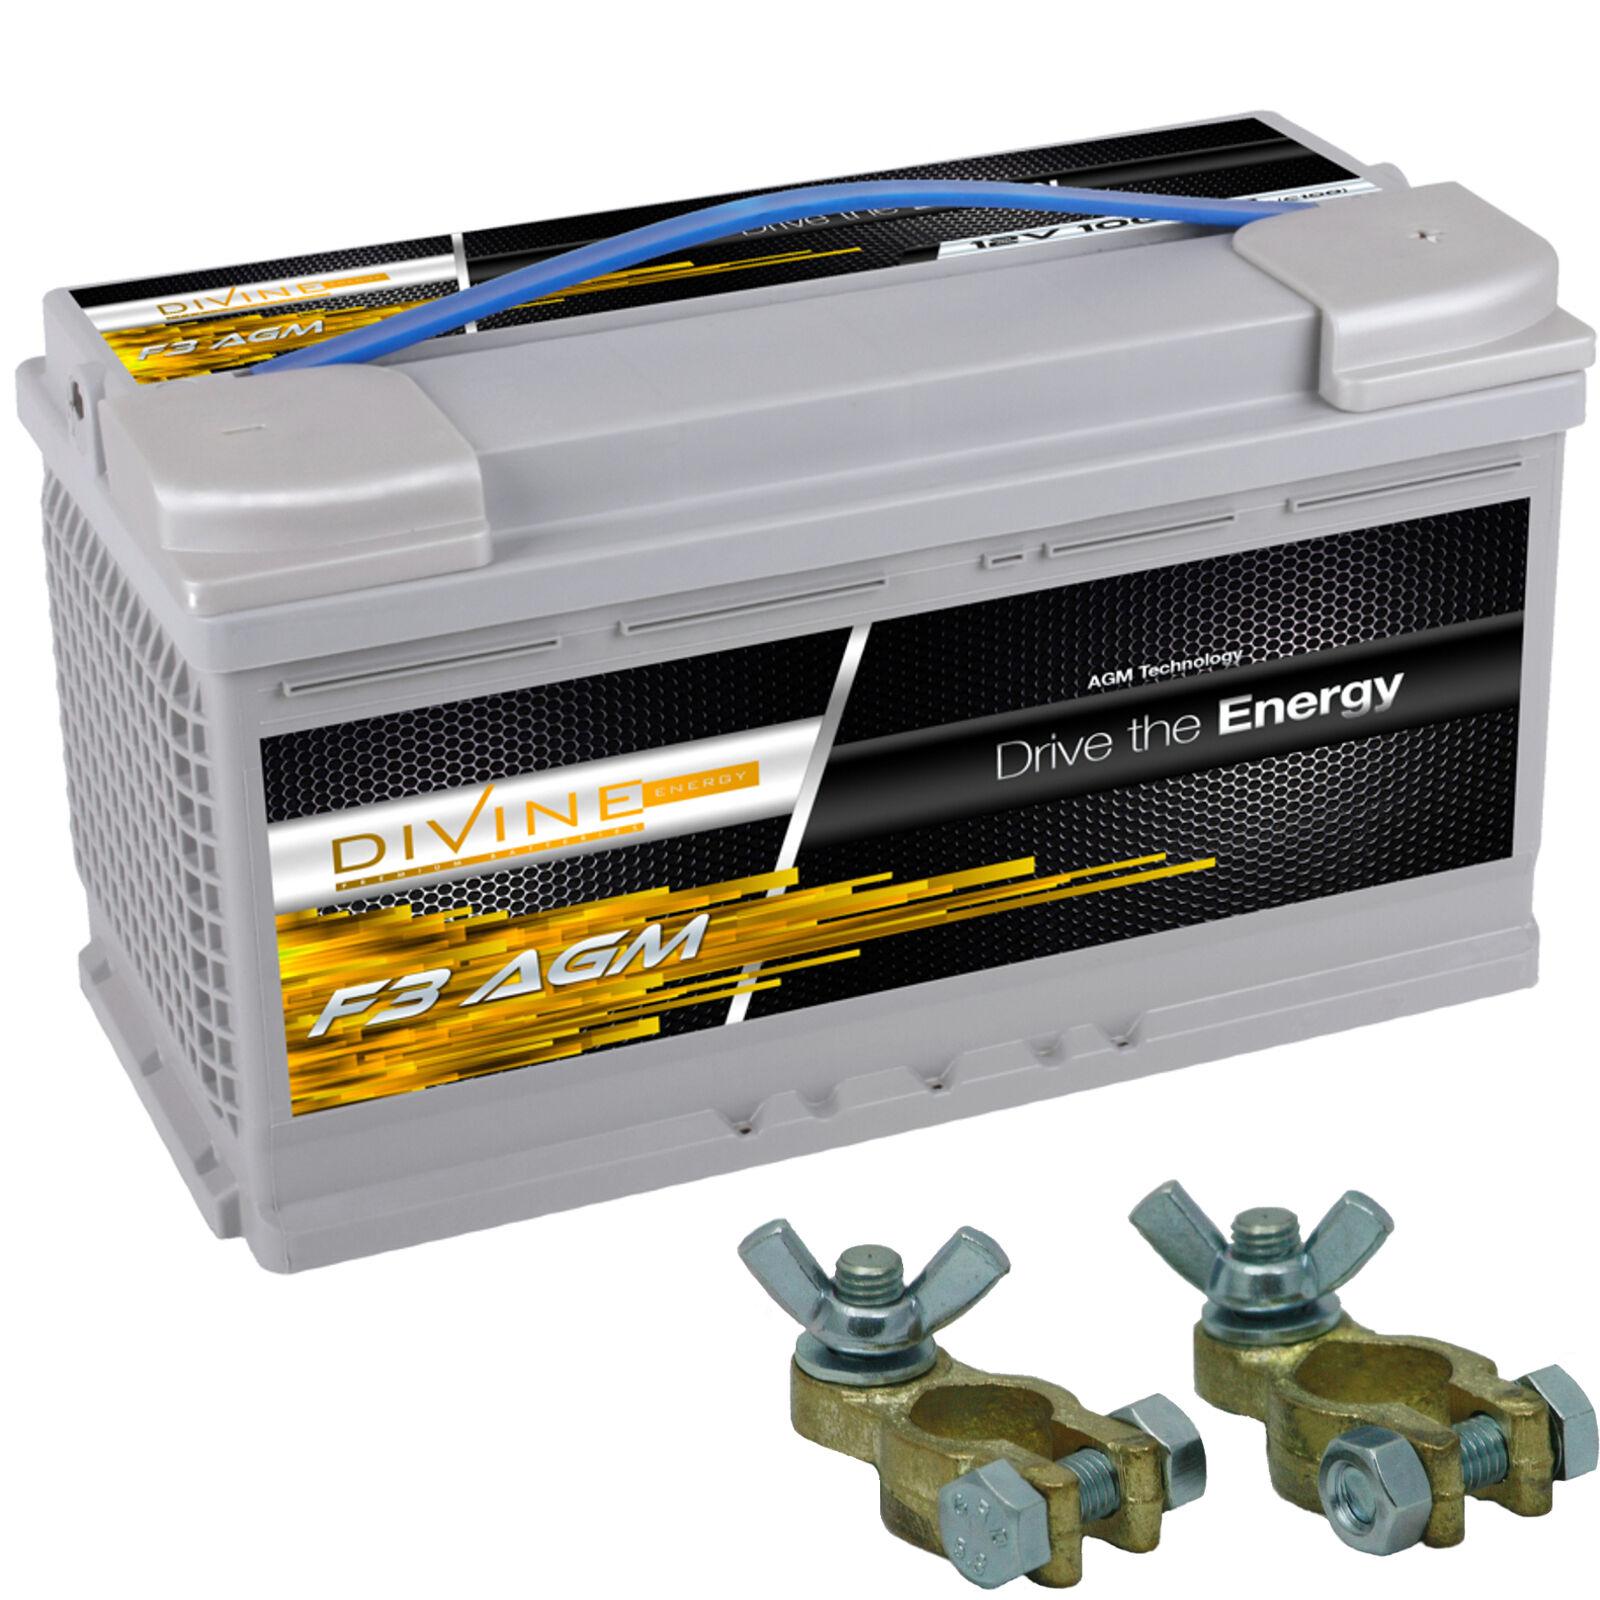 Divine F3 100Ah AGM Verbraucherbatterie 90, mit Batterieklemmen ersetzt 90, Verbraucherbatterie 105ah 7a9a39